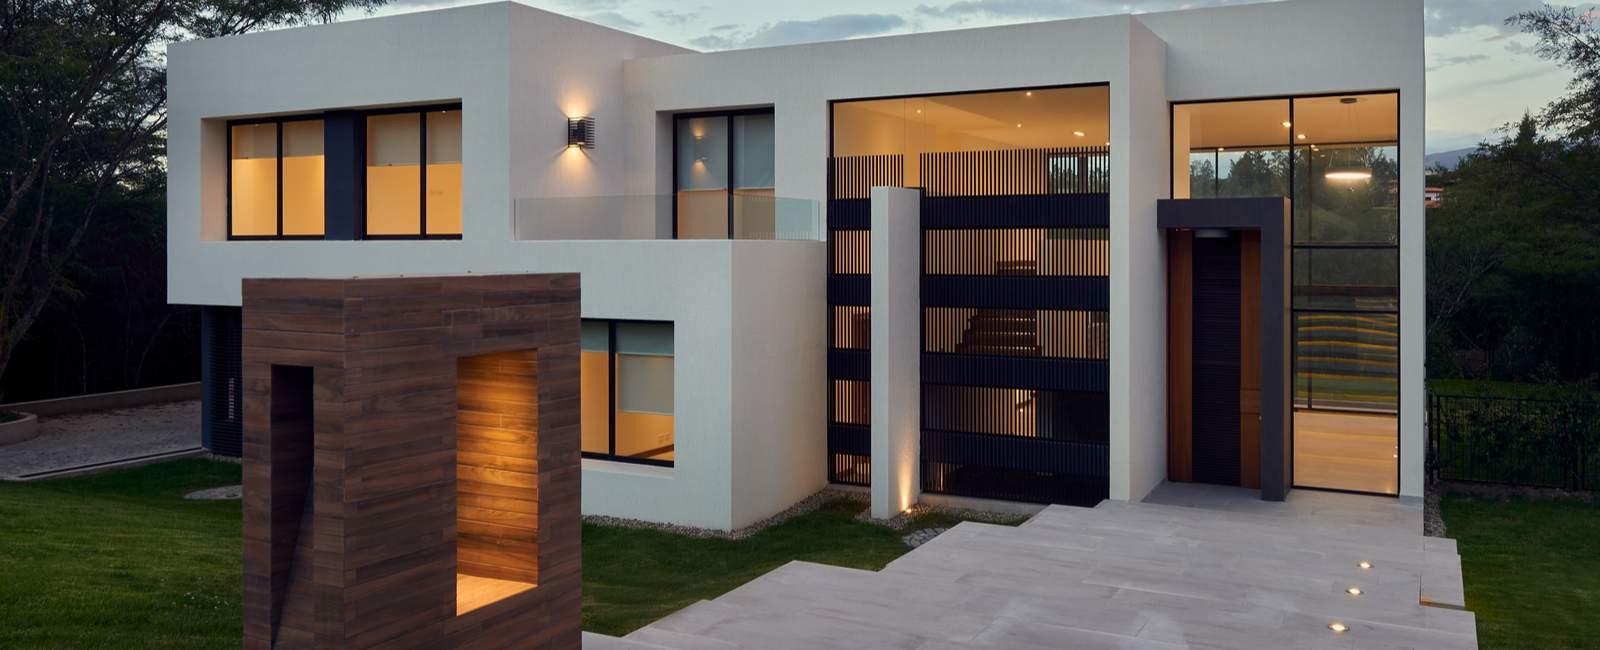 Prix Maison Ossature Metallique Clé En Main combien coûte la construction d'une maison selon les styles